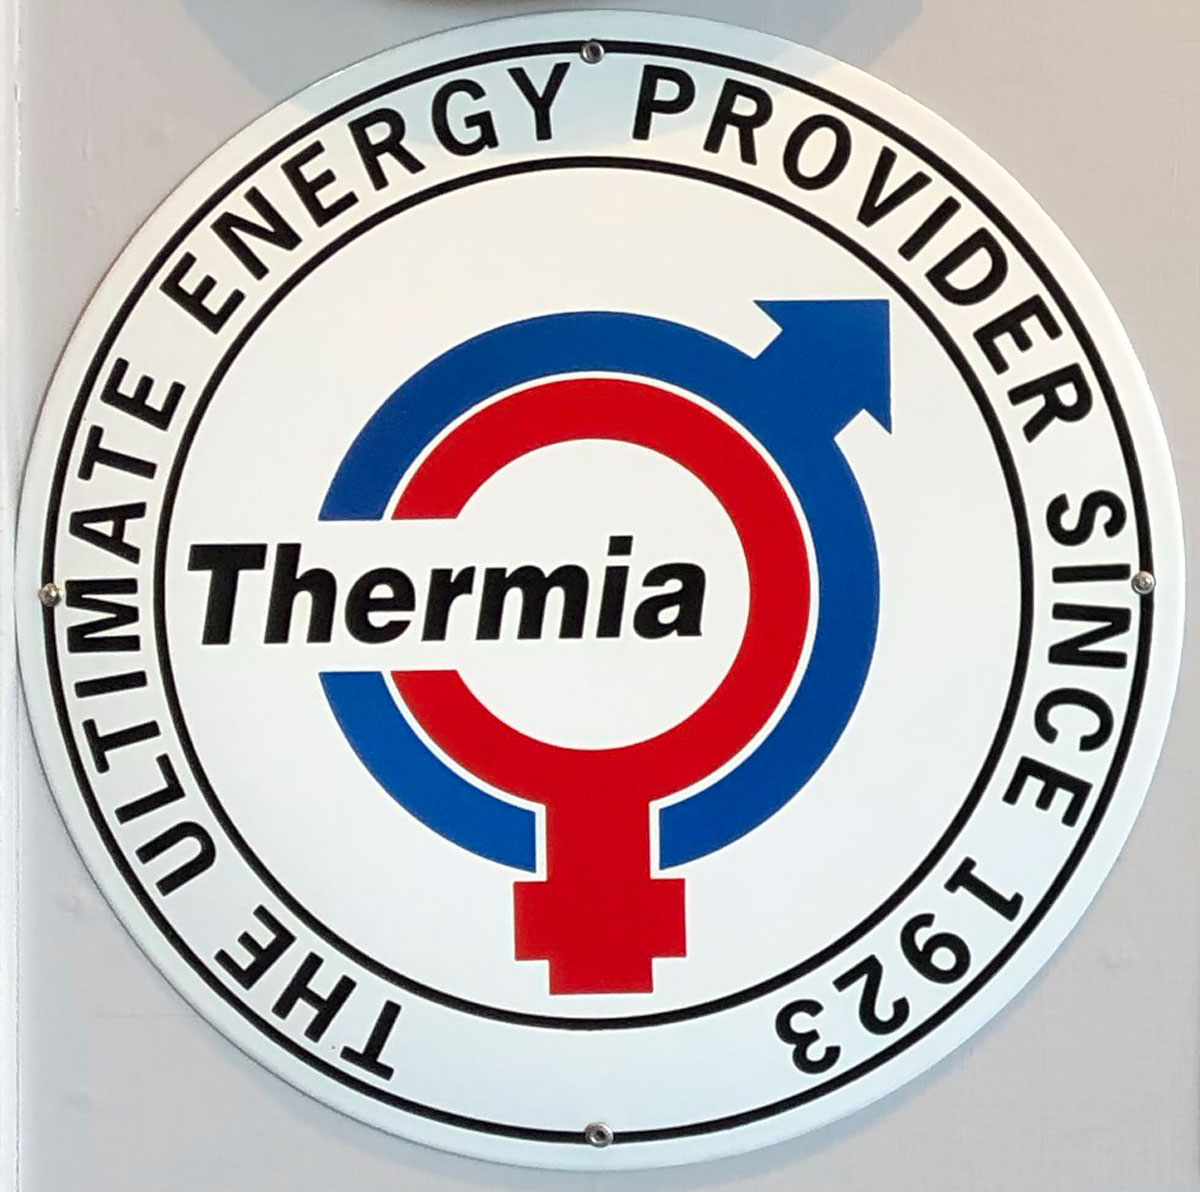 Skillinge Emalj företagsskylt för Thermia